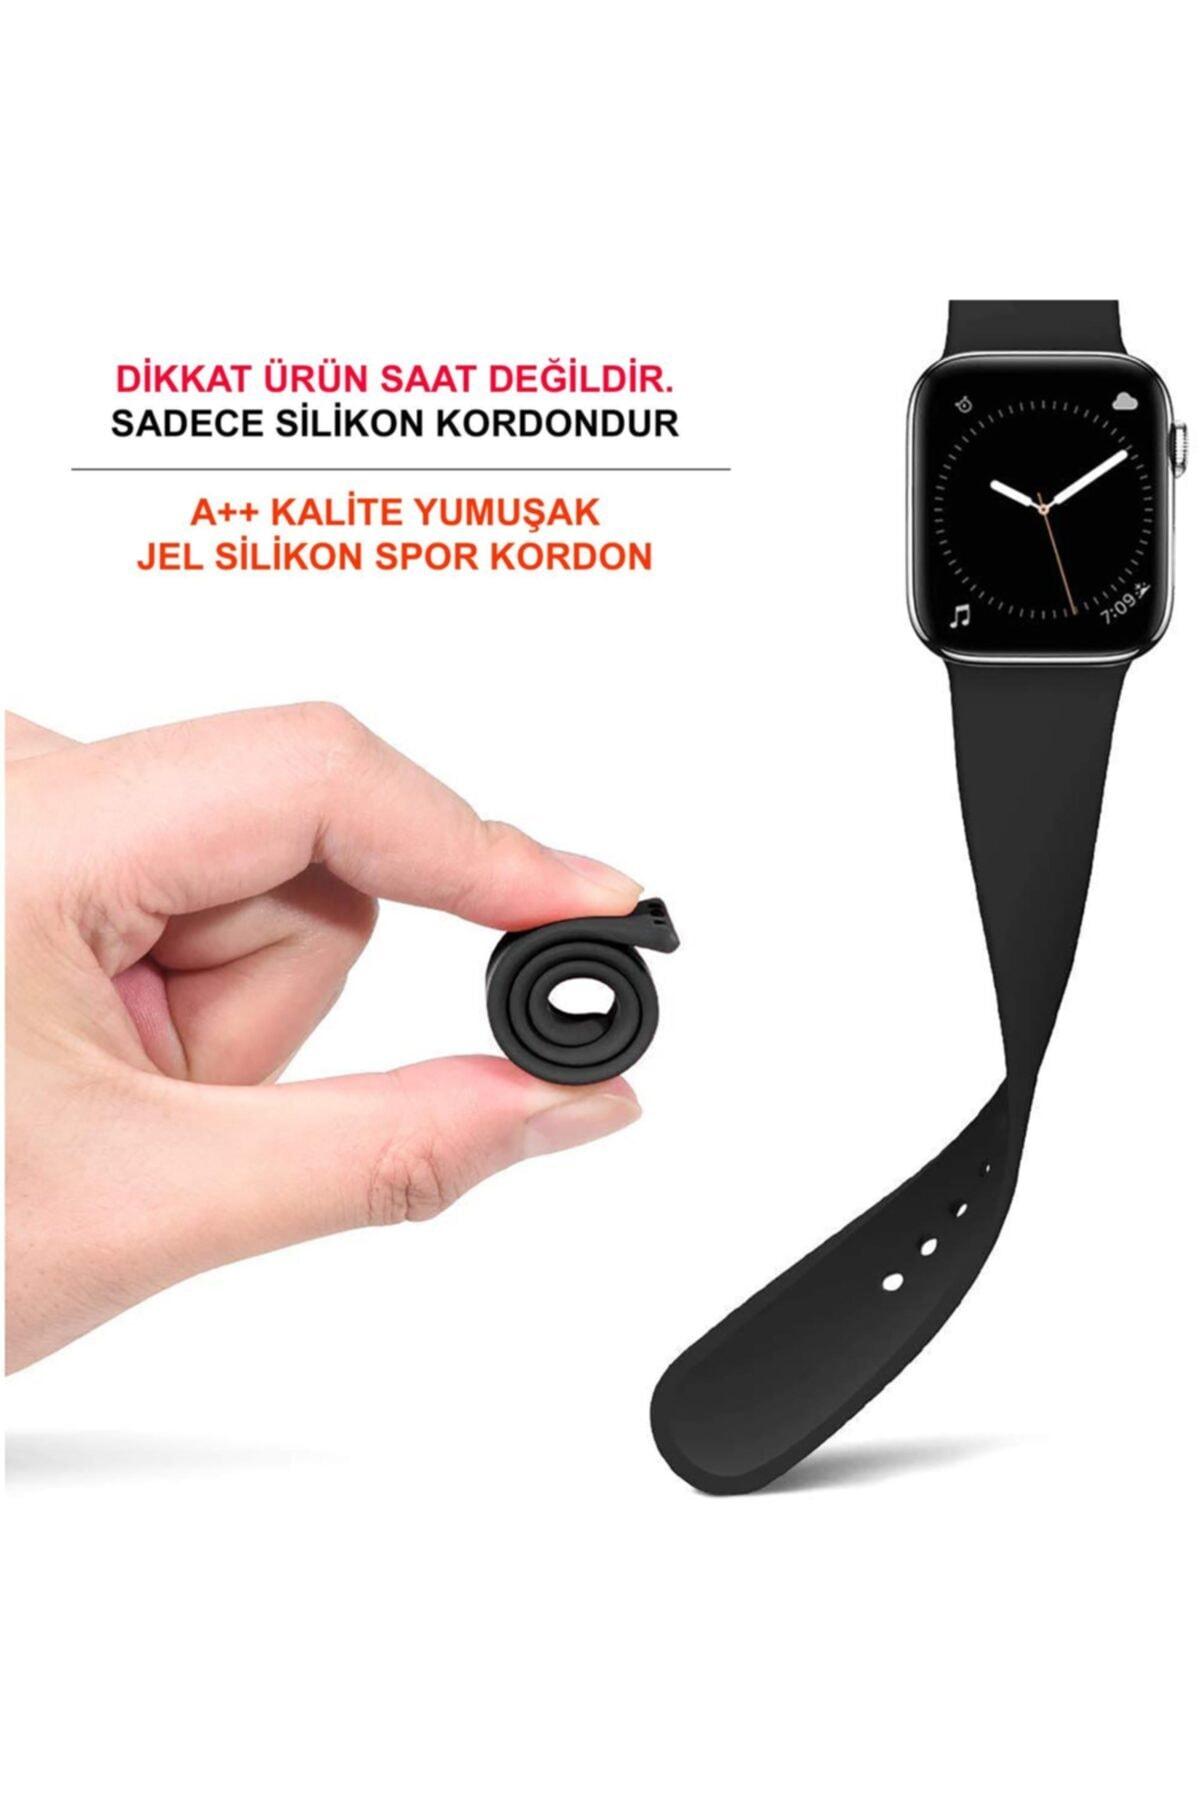 Cimricik Watch Kordon 2 3 4 5 Seri 38 Mm Ve 40 Mm Silikon Kordon Kayış